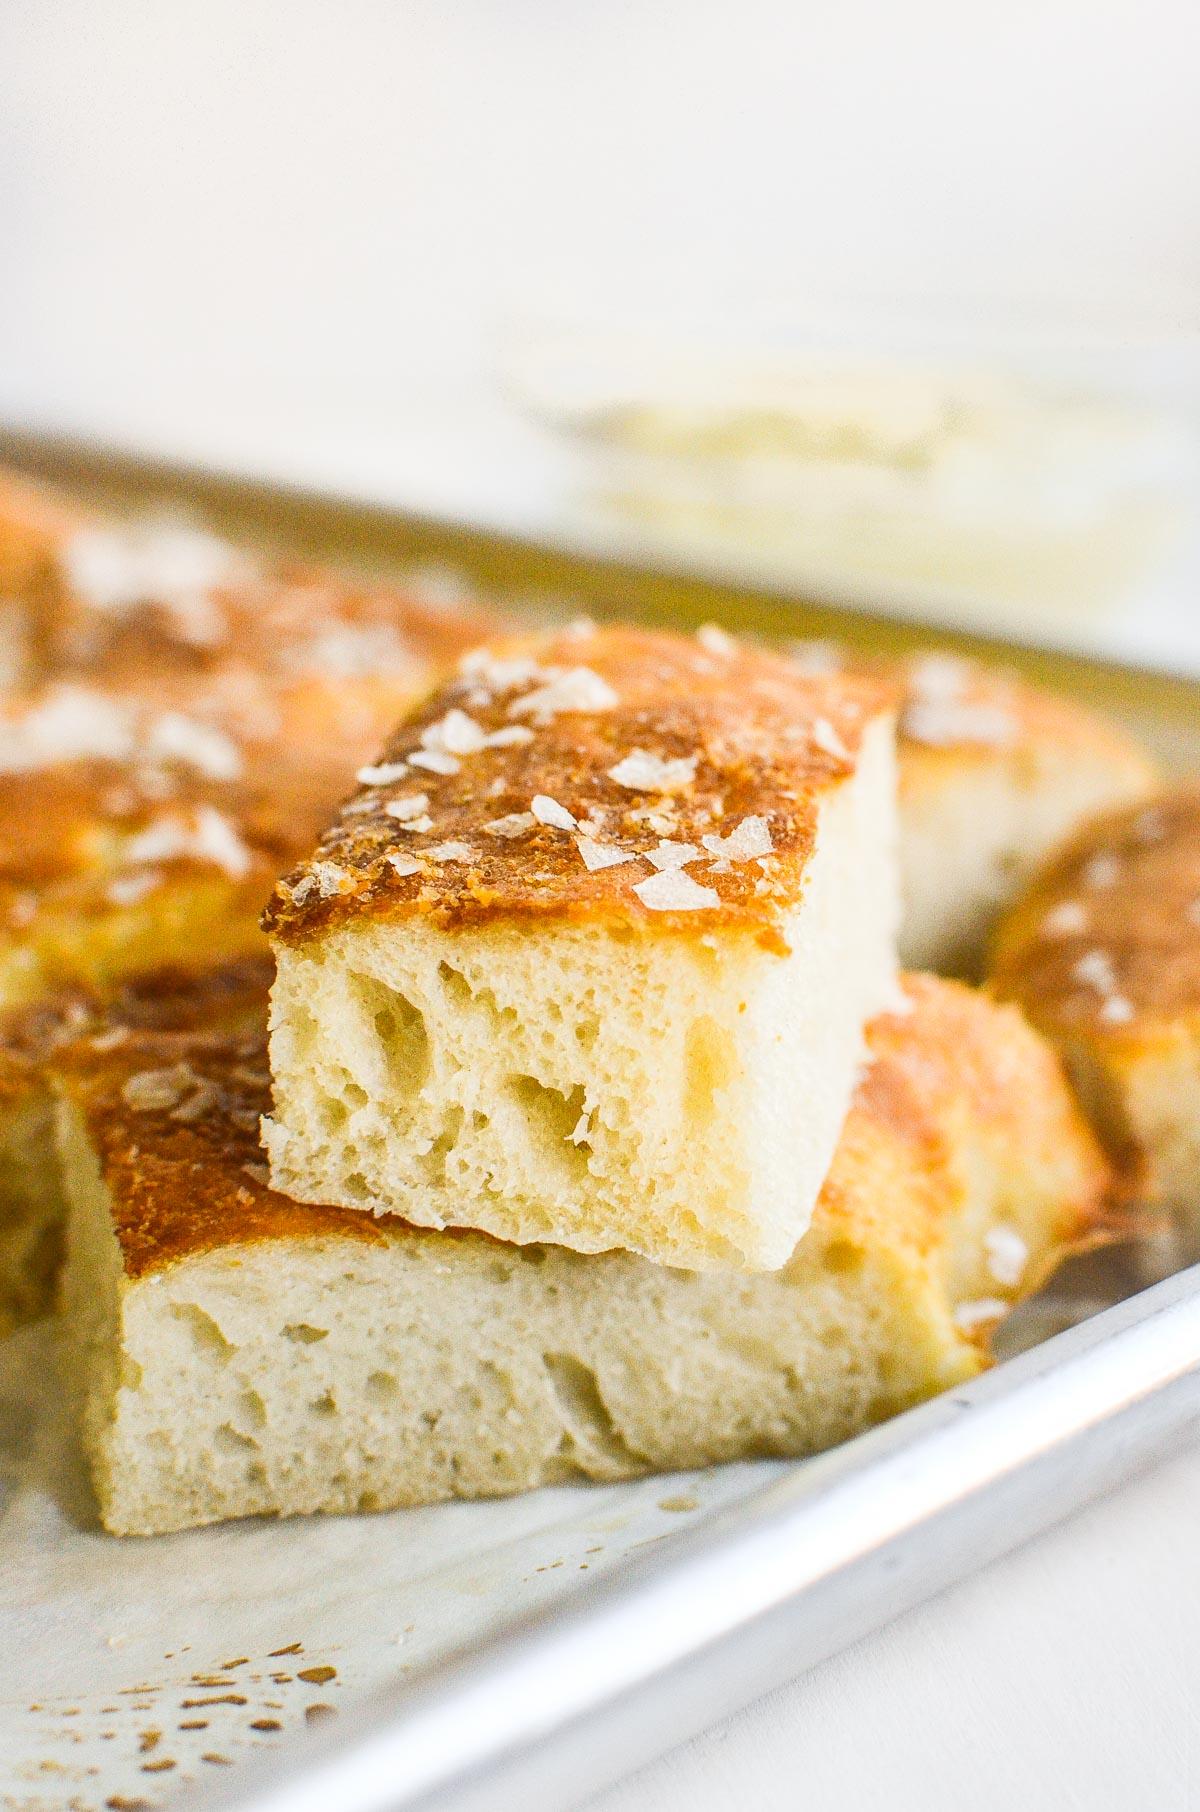 Pretzel focaccia bread, stacked